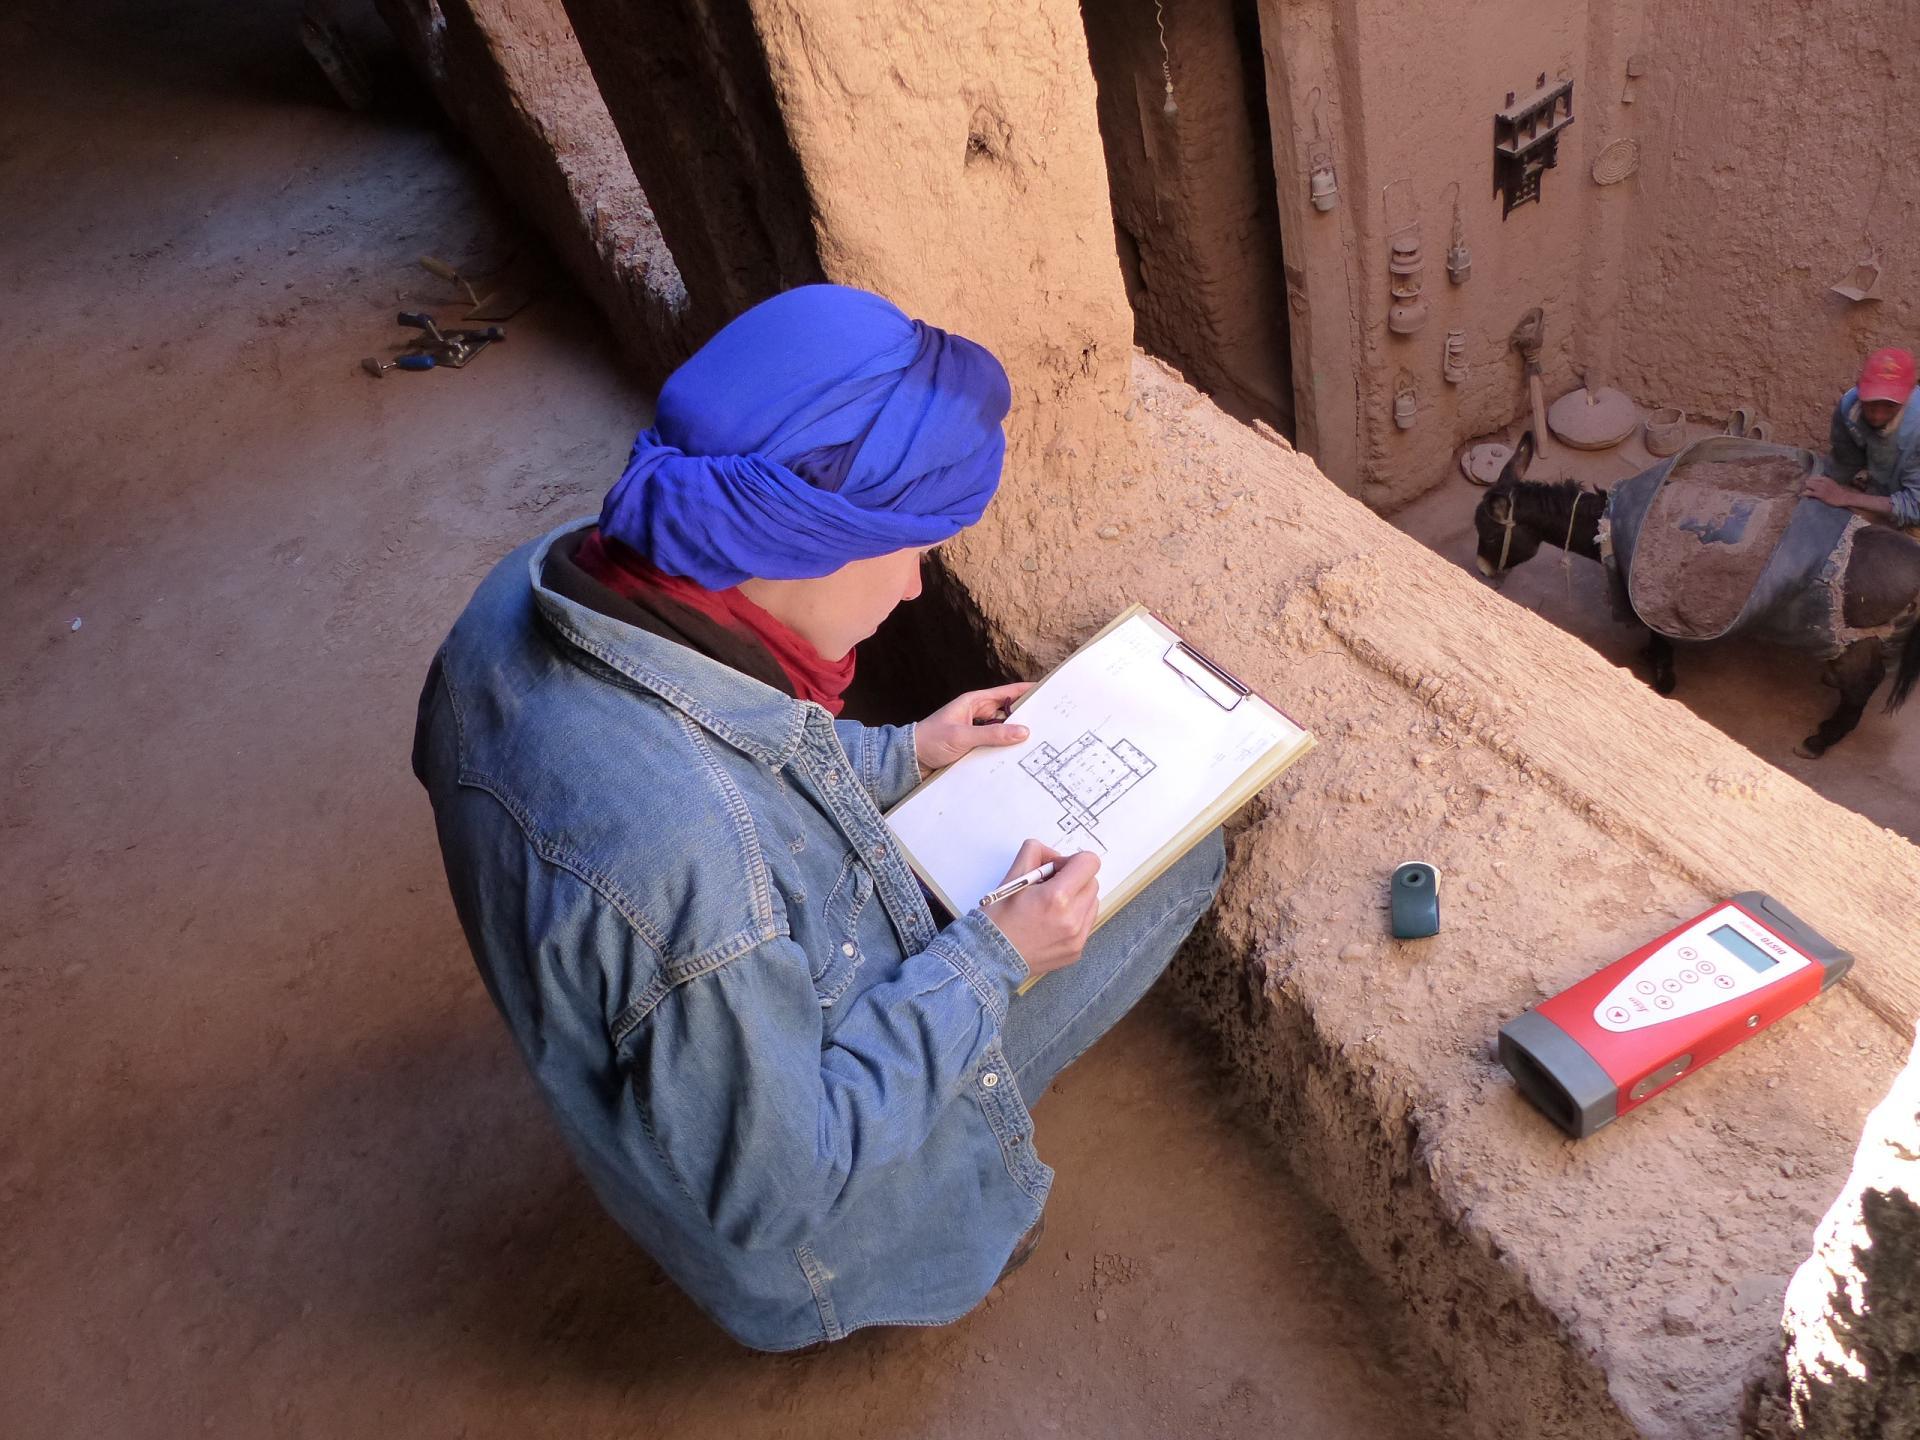 Aufmaß der historischen Sippenwohnburg aus Lehm in Marokko